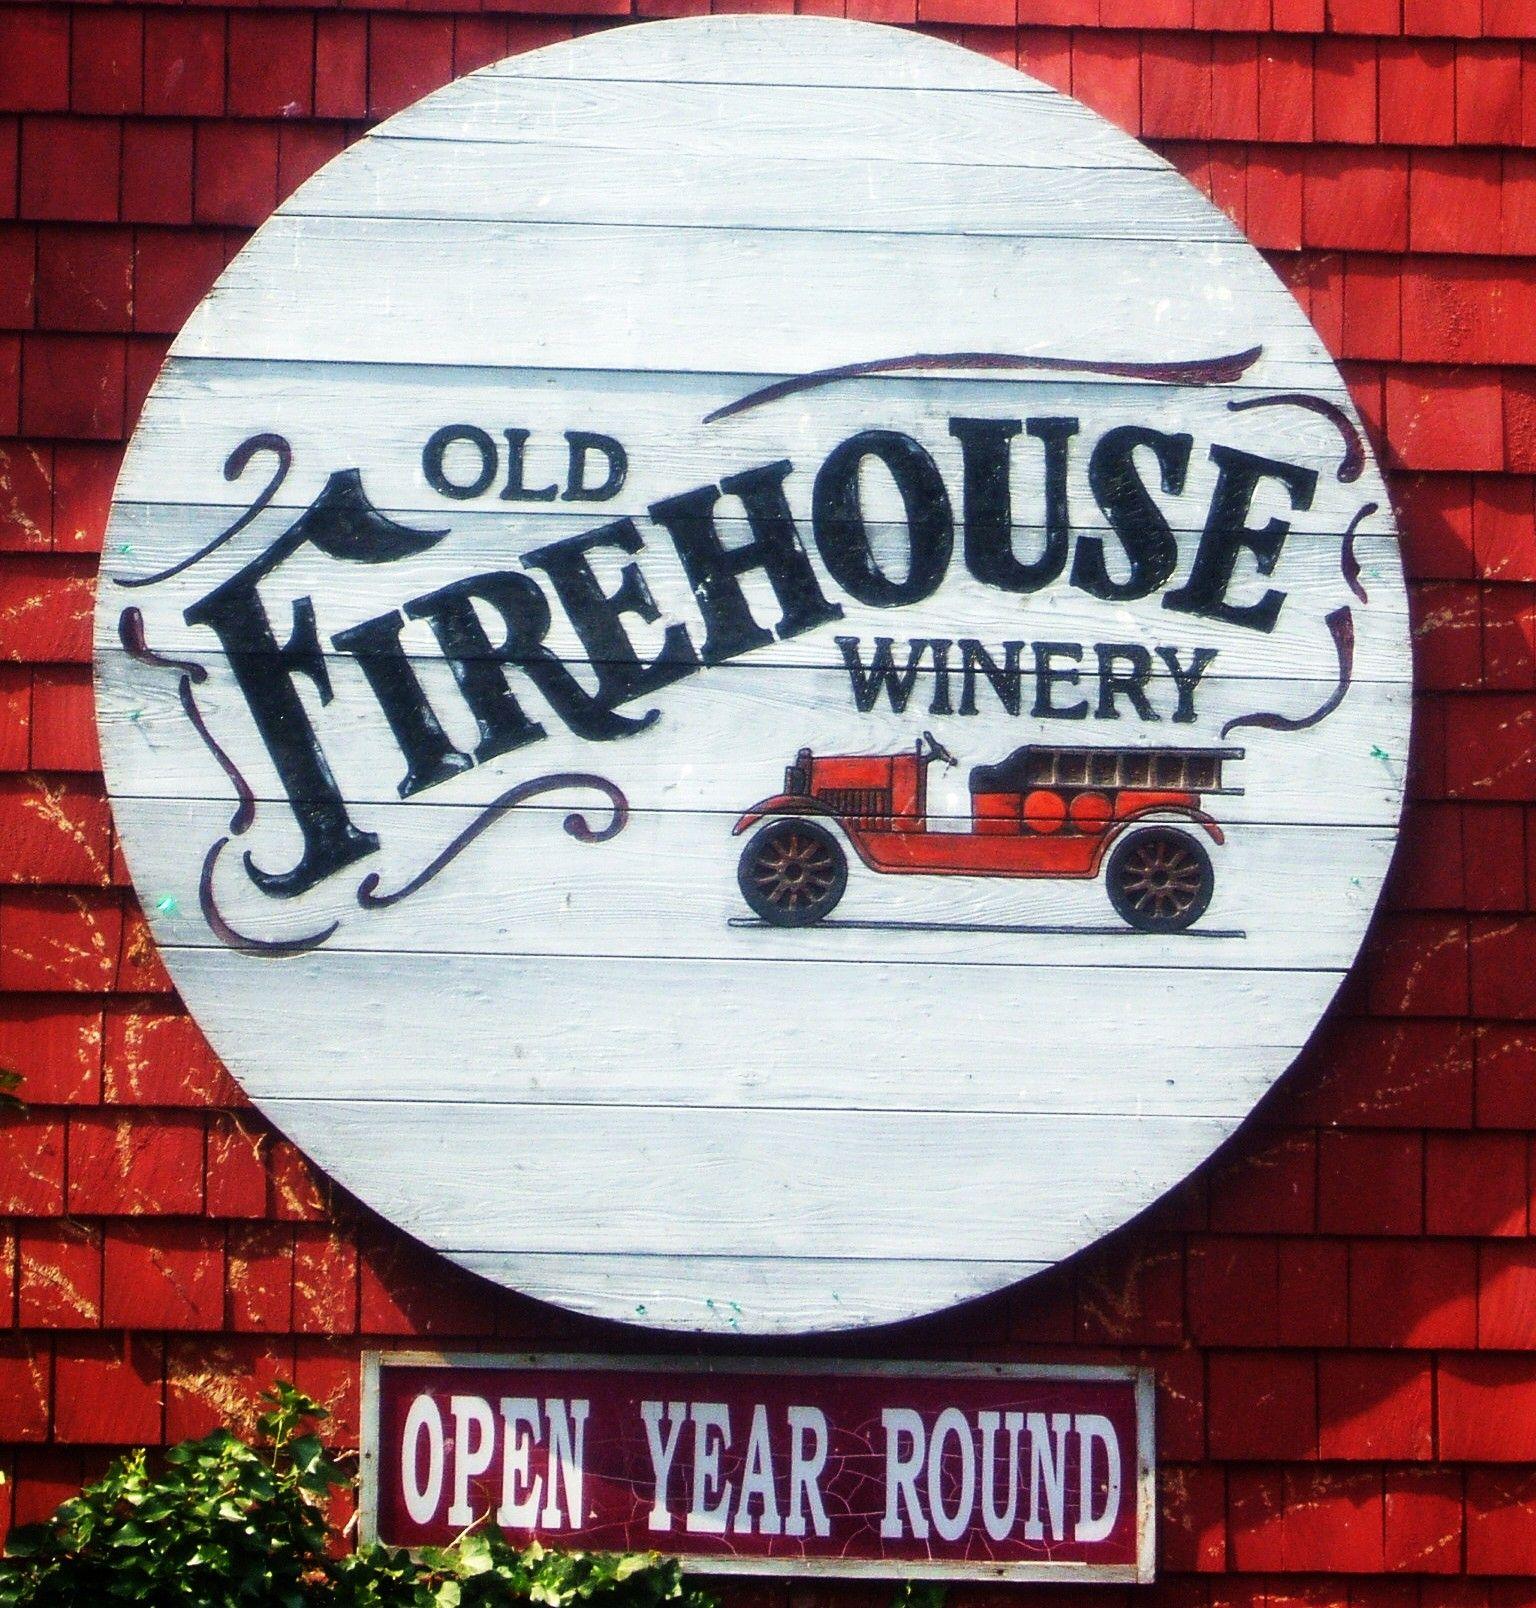 Old Firehouse Winery Geneva On The Lake Ohio